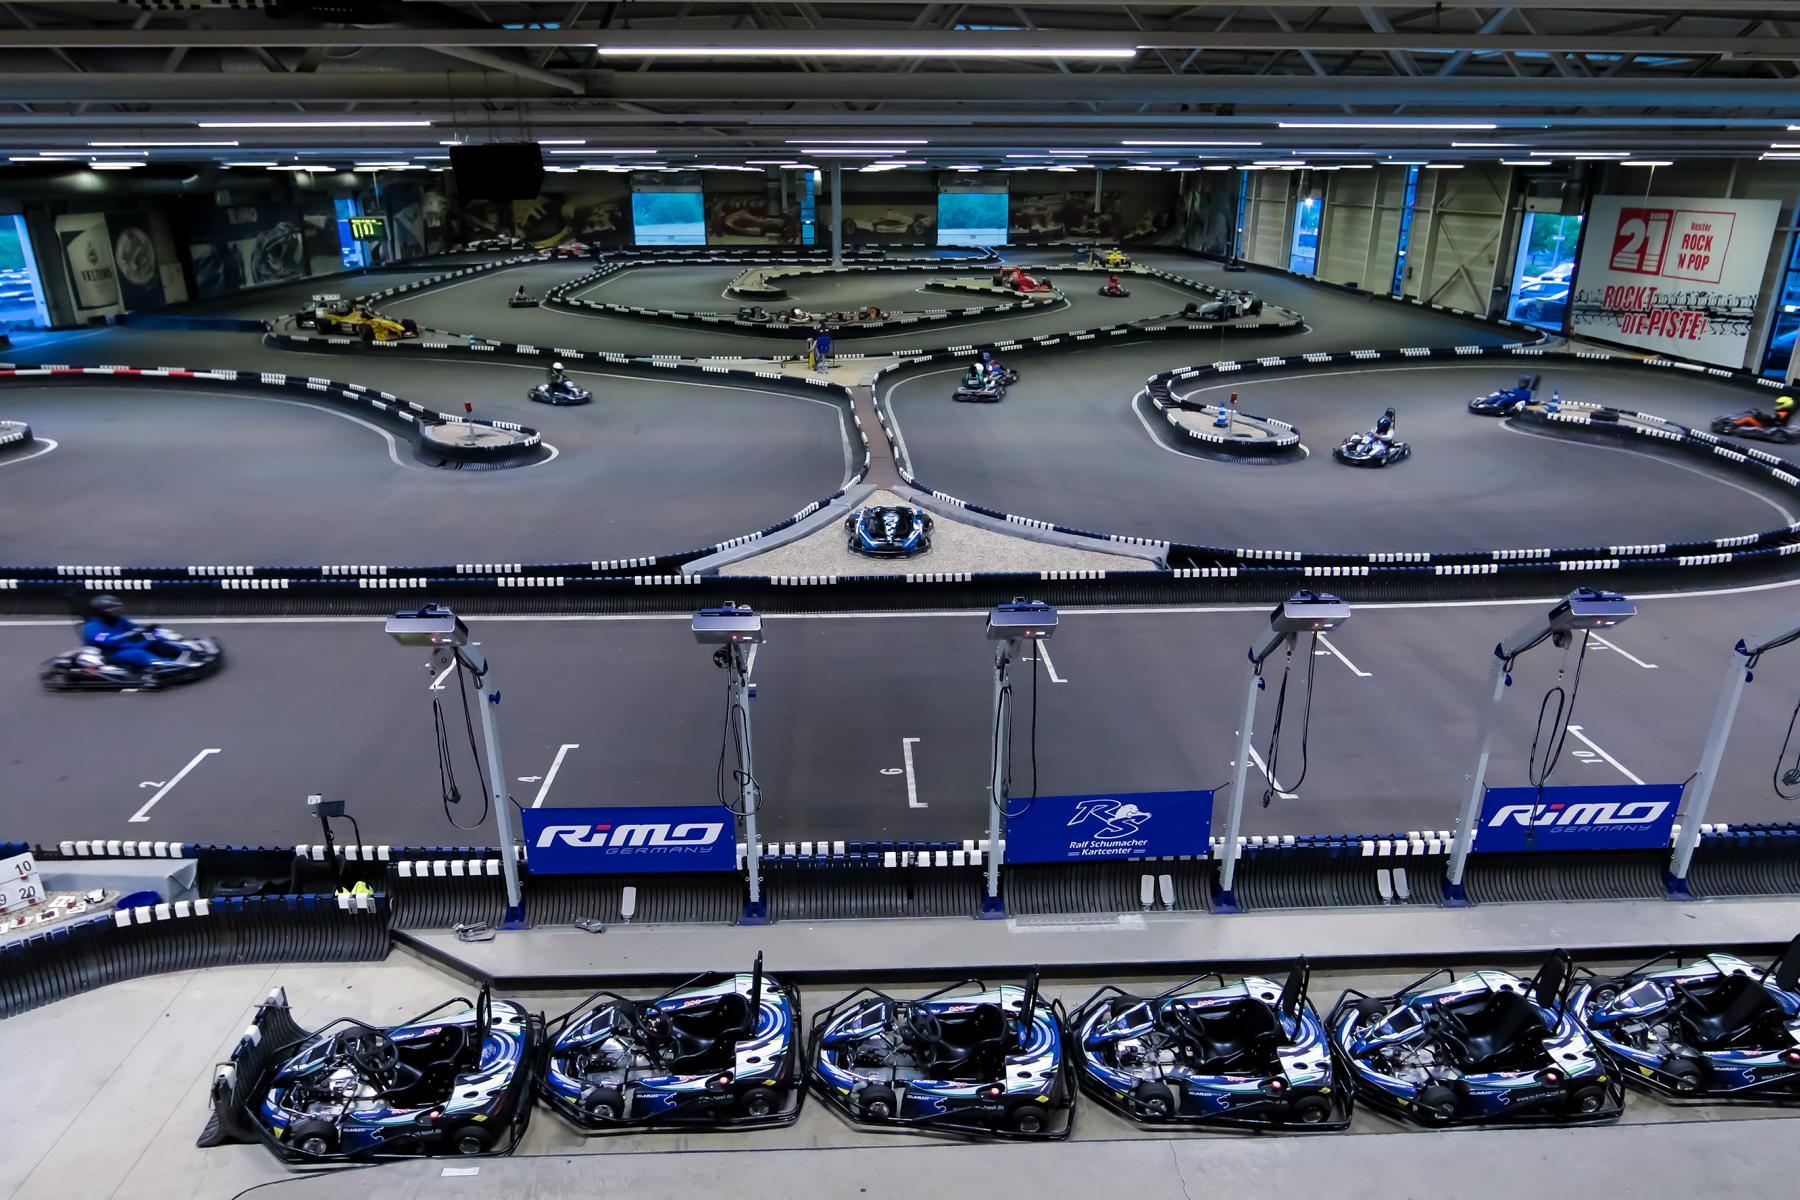 rs-kartcenter-kart-indoor-2-min.JPG